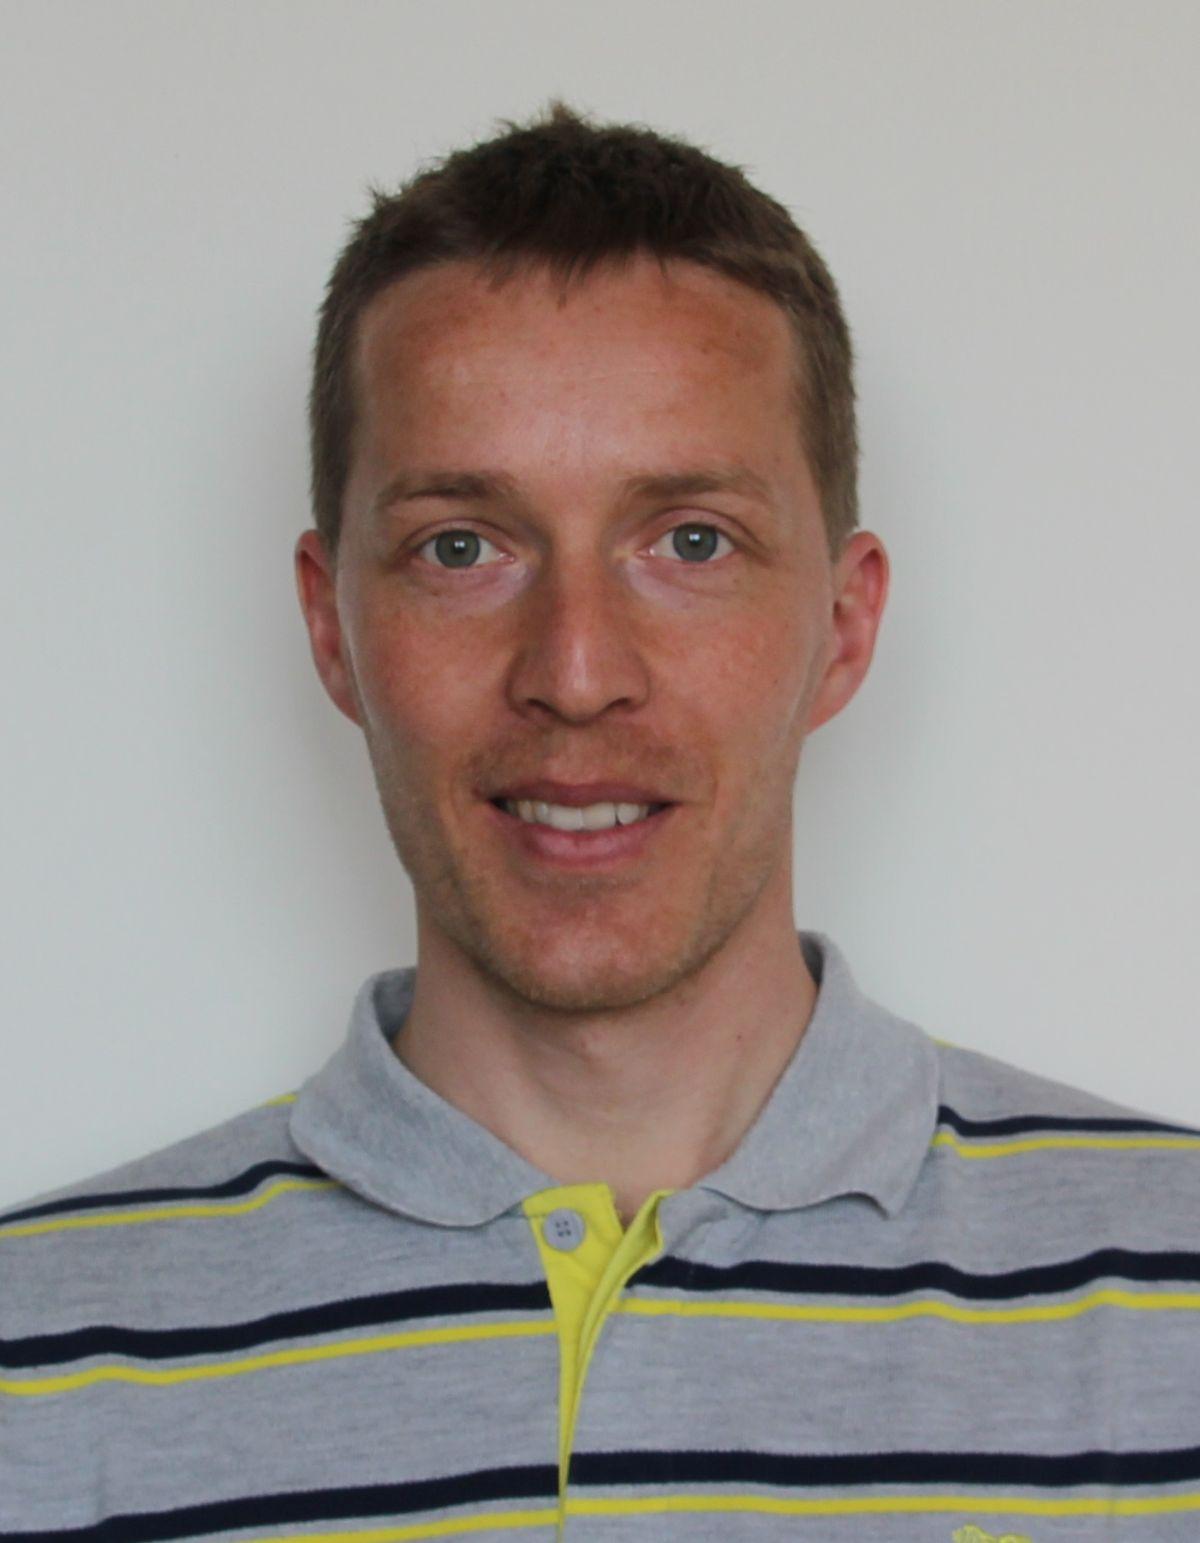 David Linhart